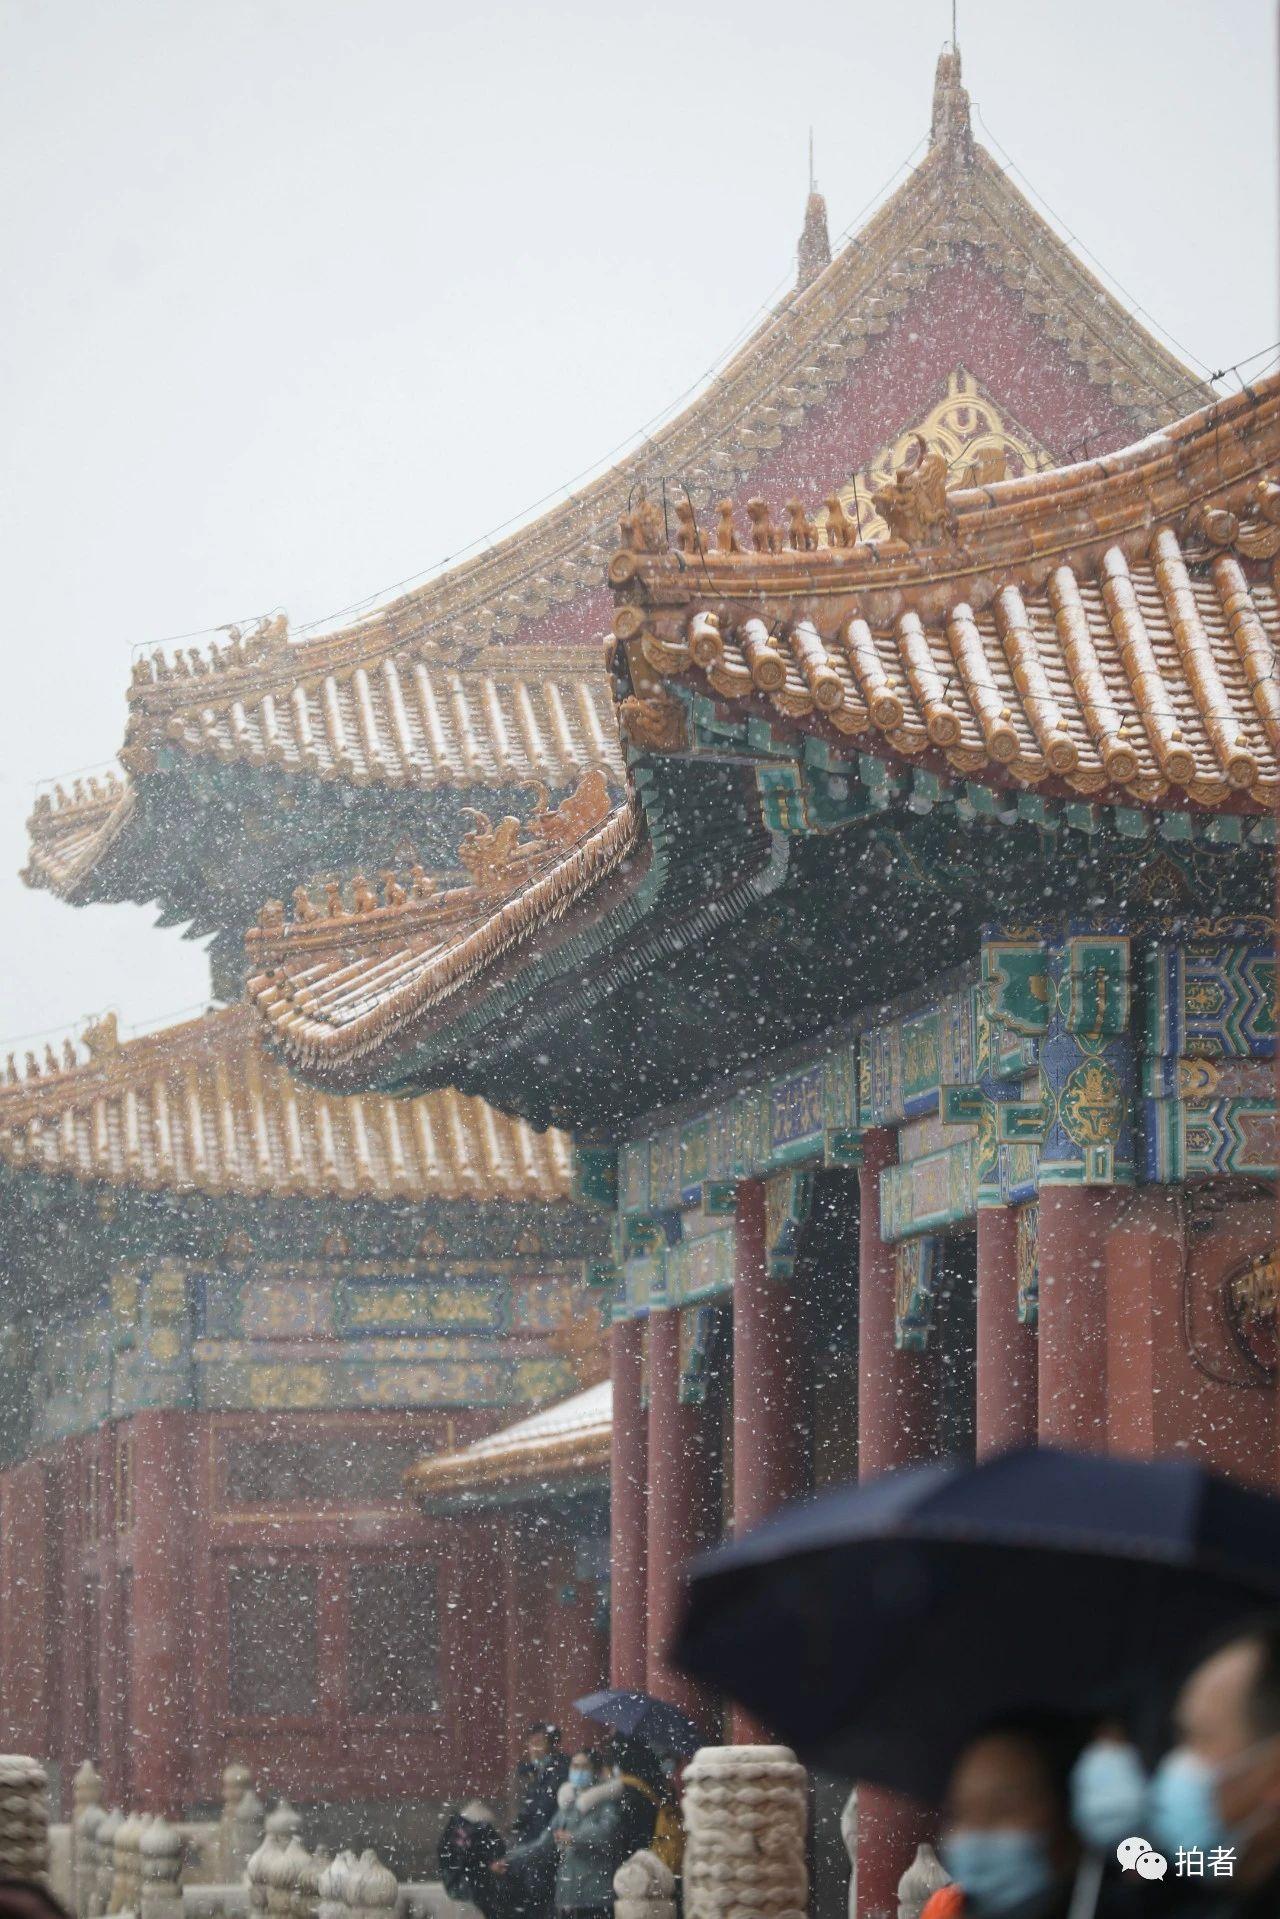 北京初雪最全图集来了!一文看遍城里城外 最新热点 第5张